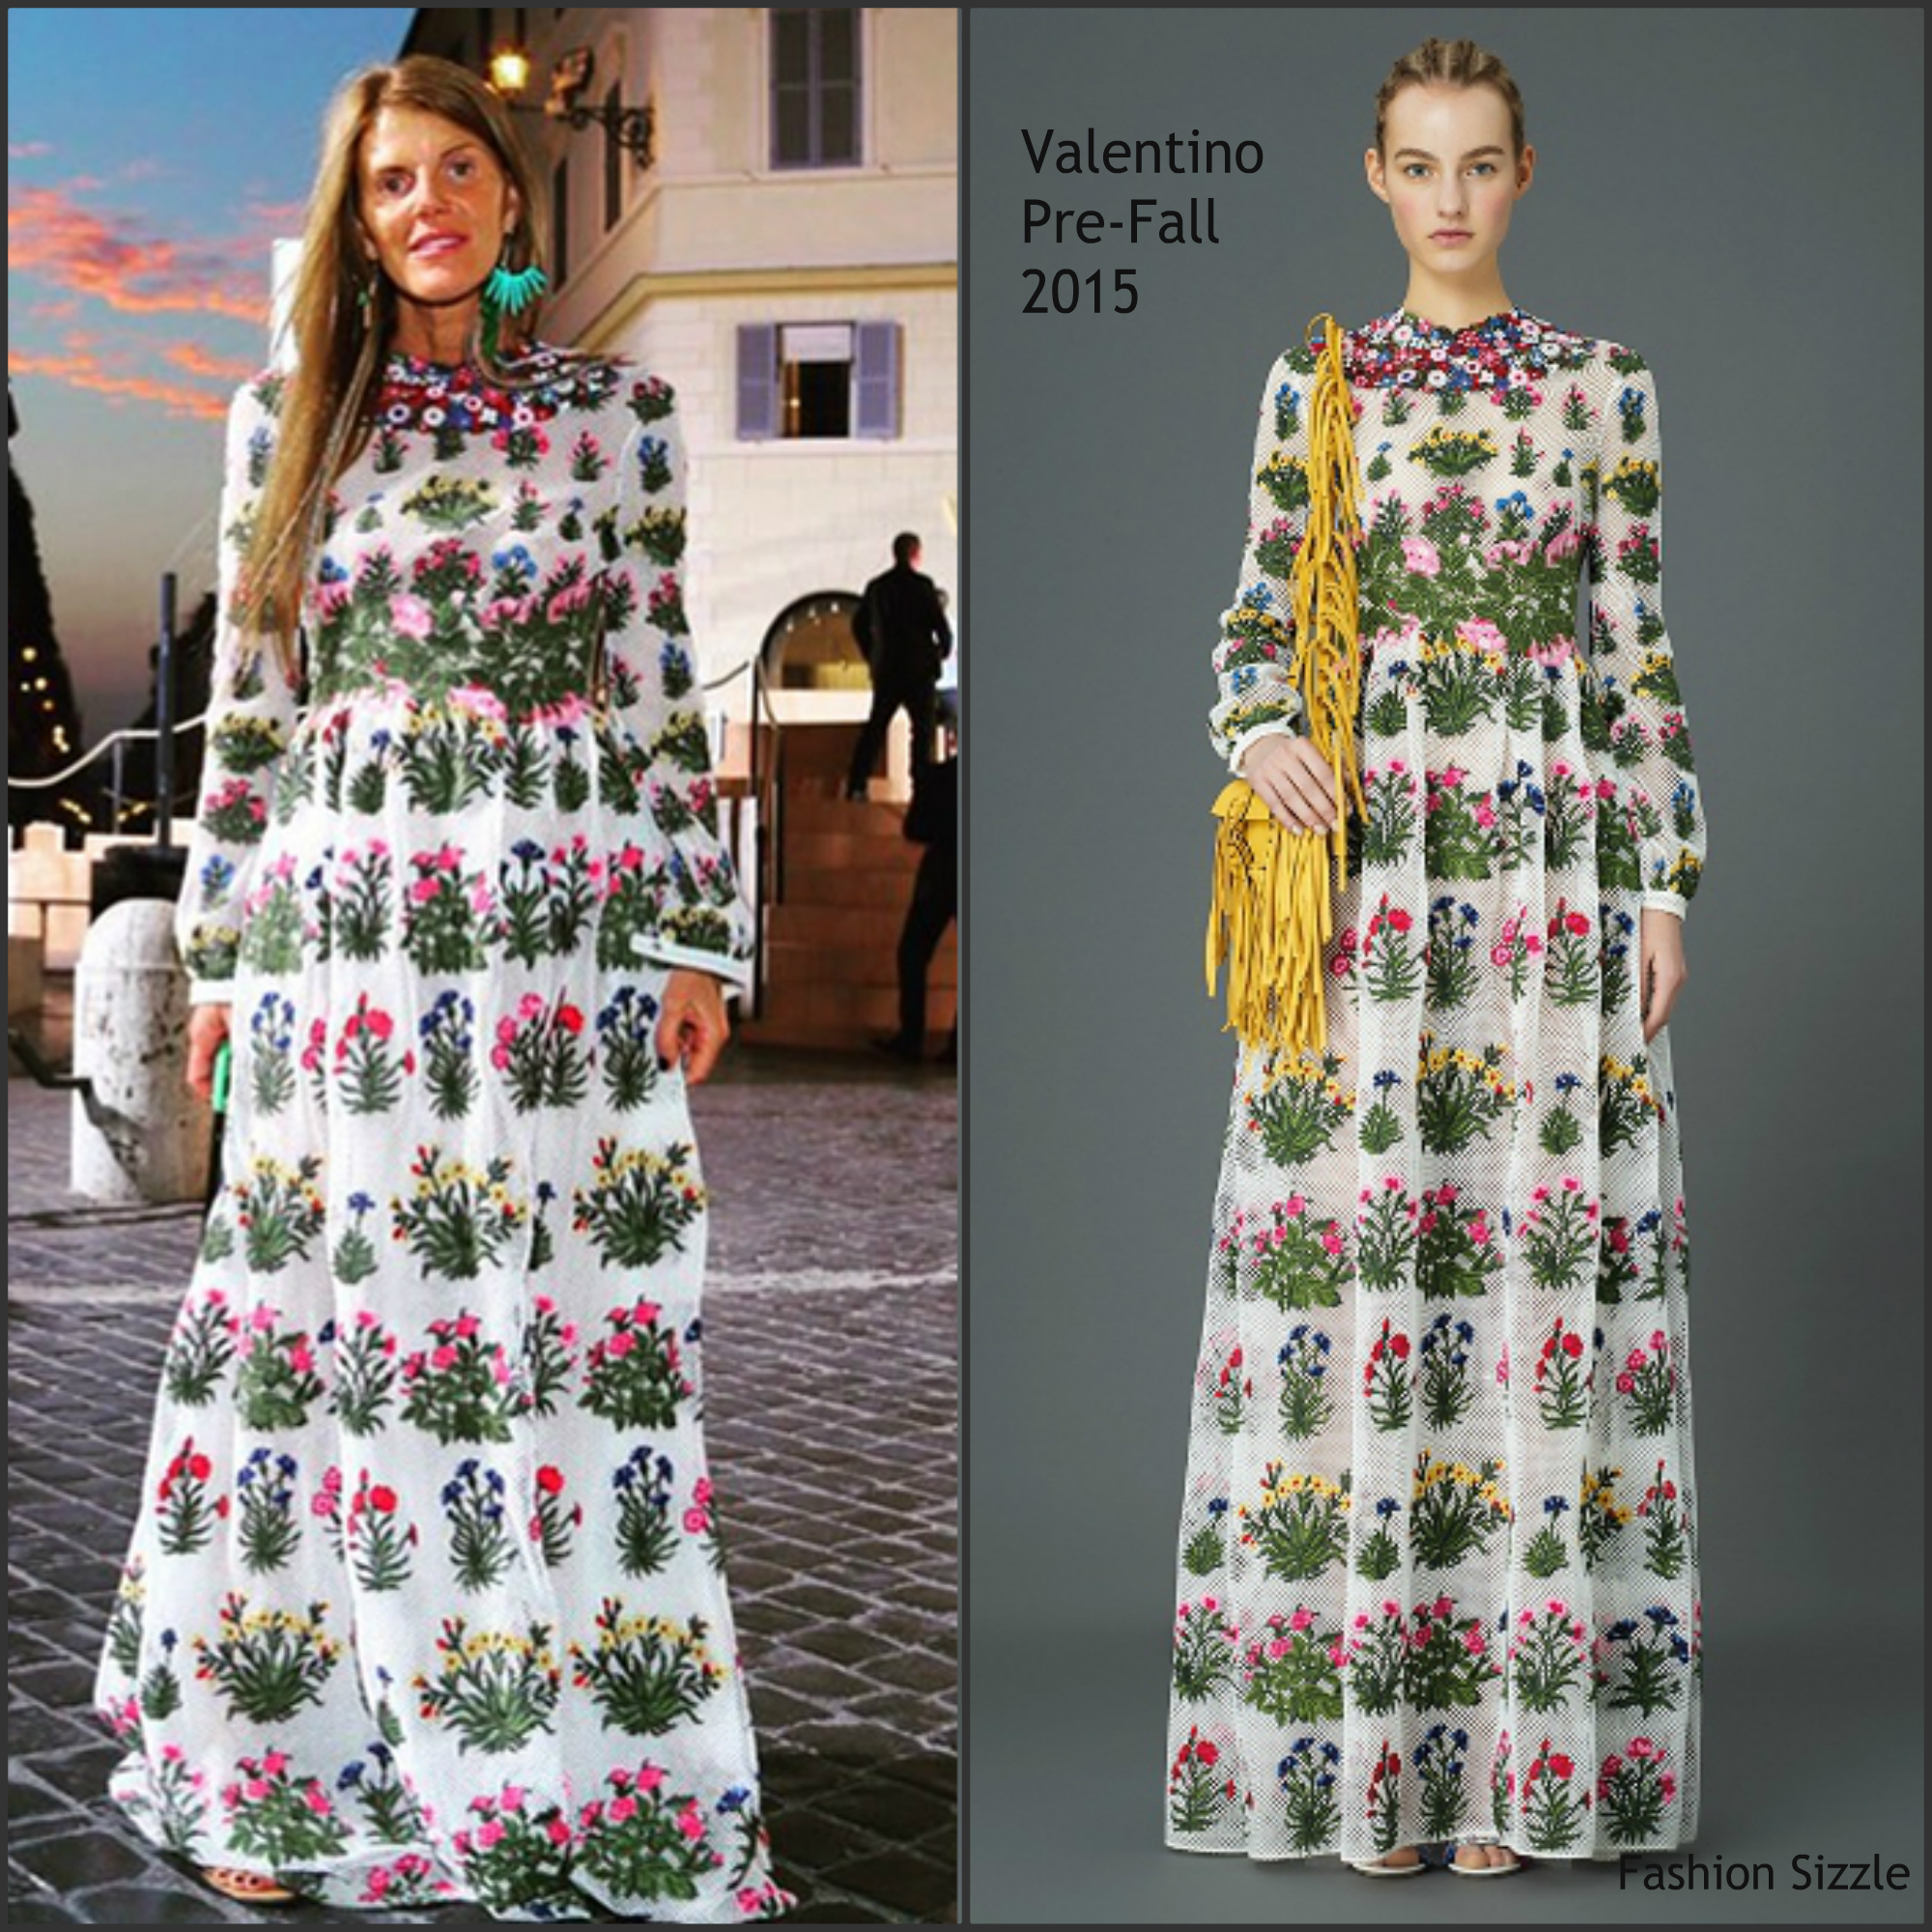 anna-dello-russo-in-valentino-at-valentino-mirabilia-romae-haute-couture-fall-2015-front-row